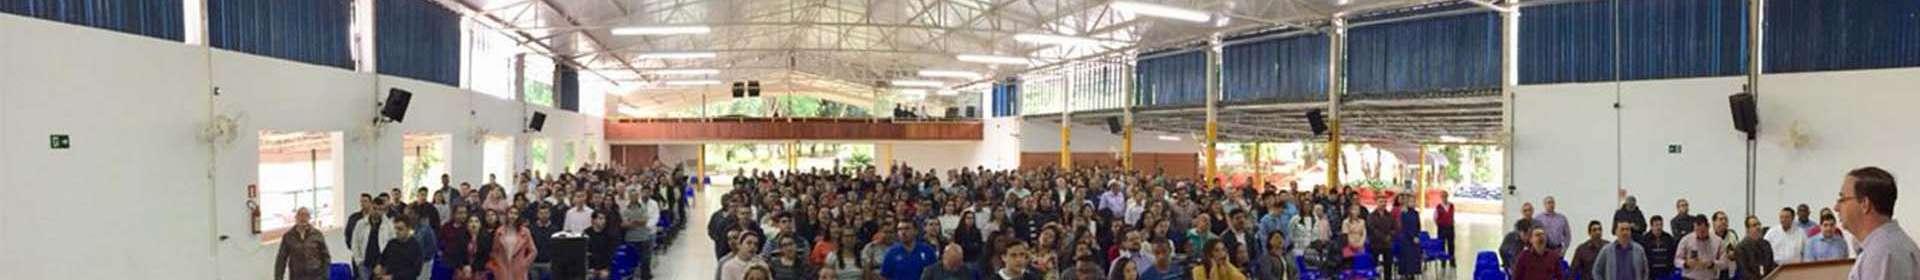 Região de Uberlândia participa de Seminário no Maanaim local